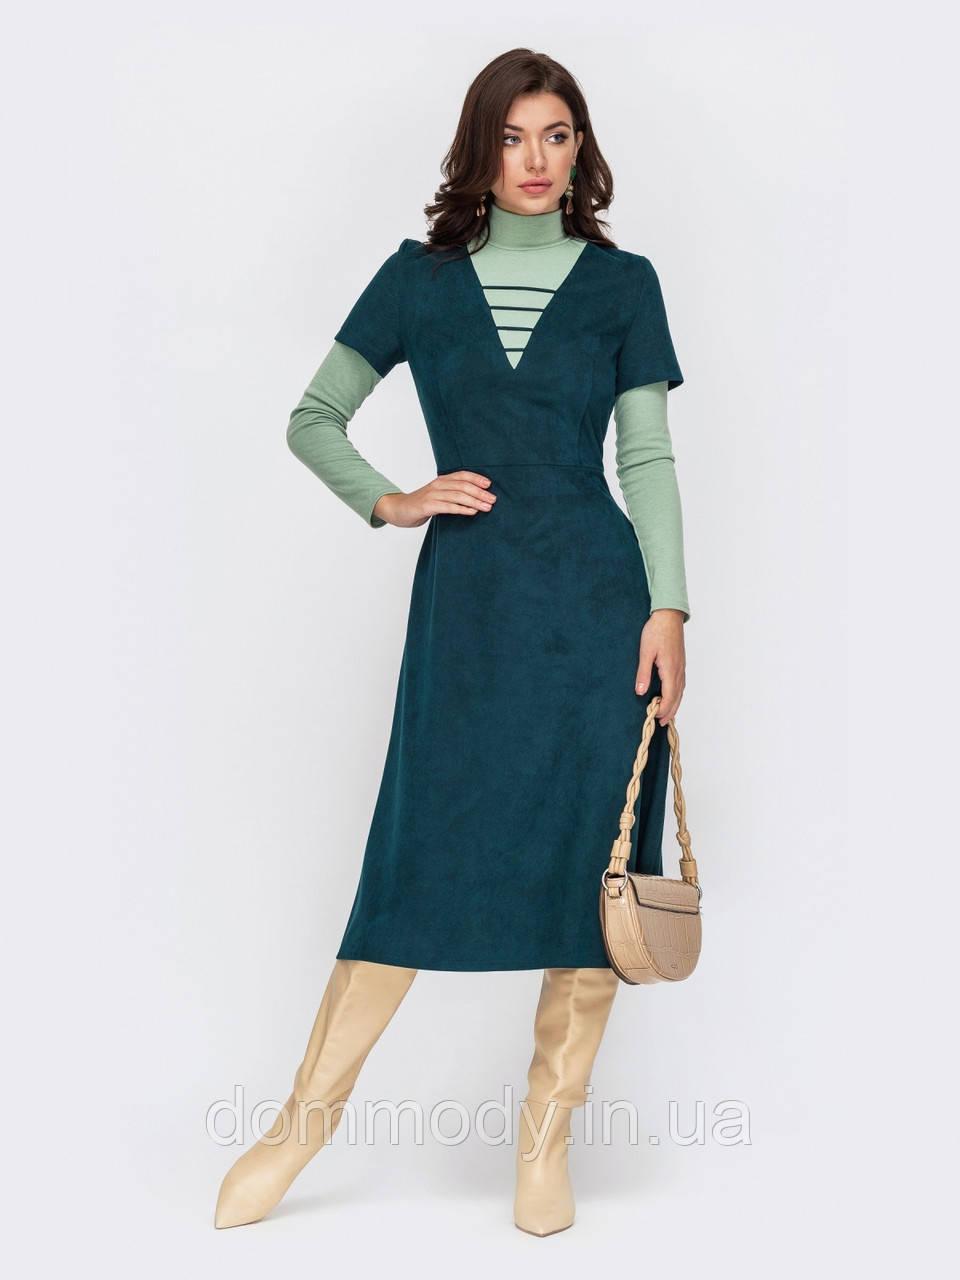 Платье женское Aged green